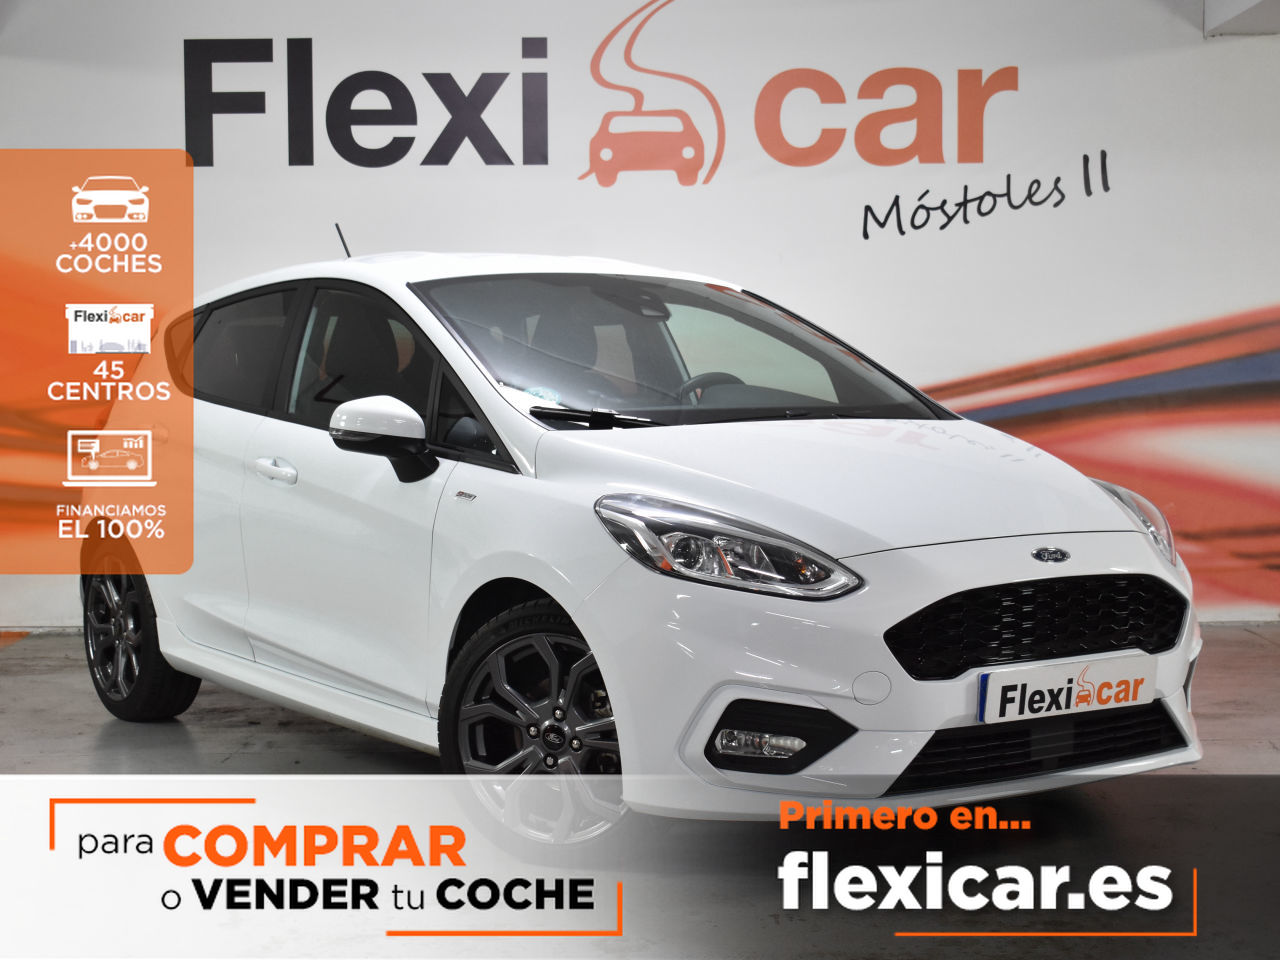 Ford Fiesta ocasión segunda mano 2019 Gasolina por 13.900€ en Madrid